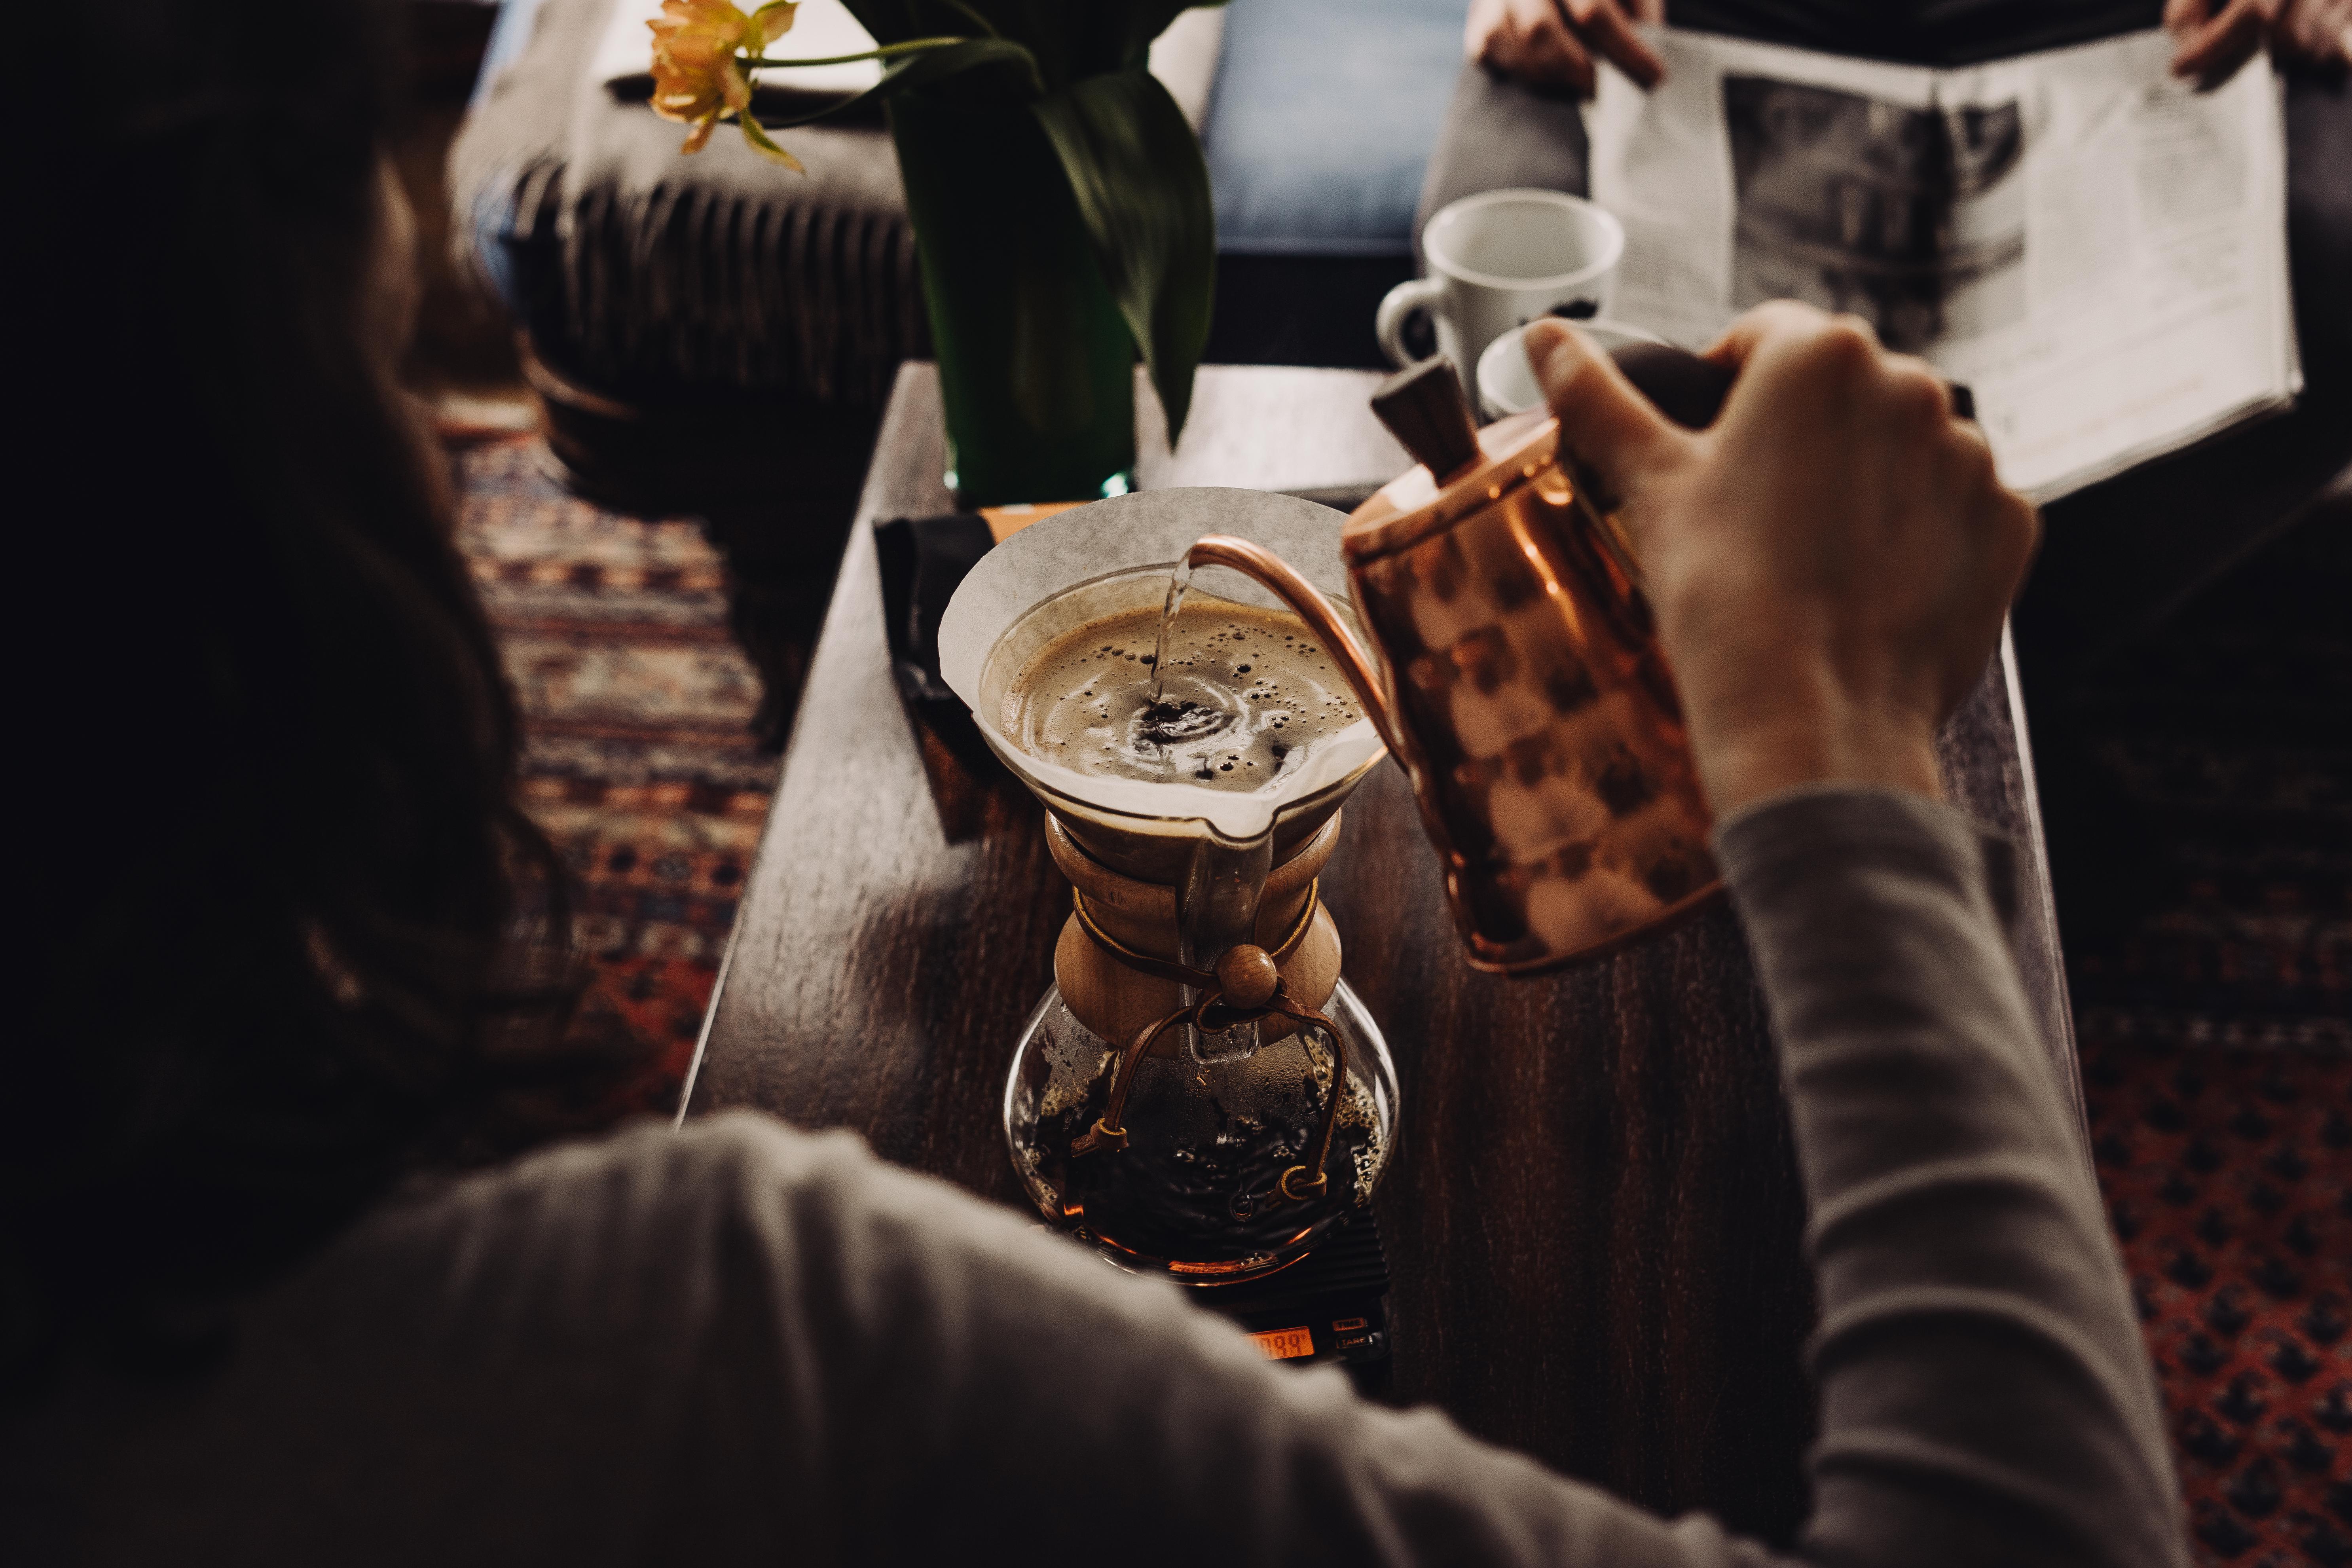 Erfüllt den ganzen Raum mit dem Duft von Kaffee